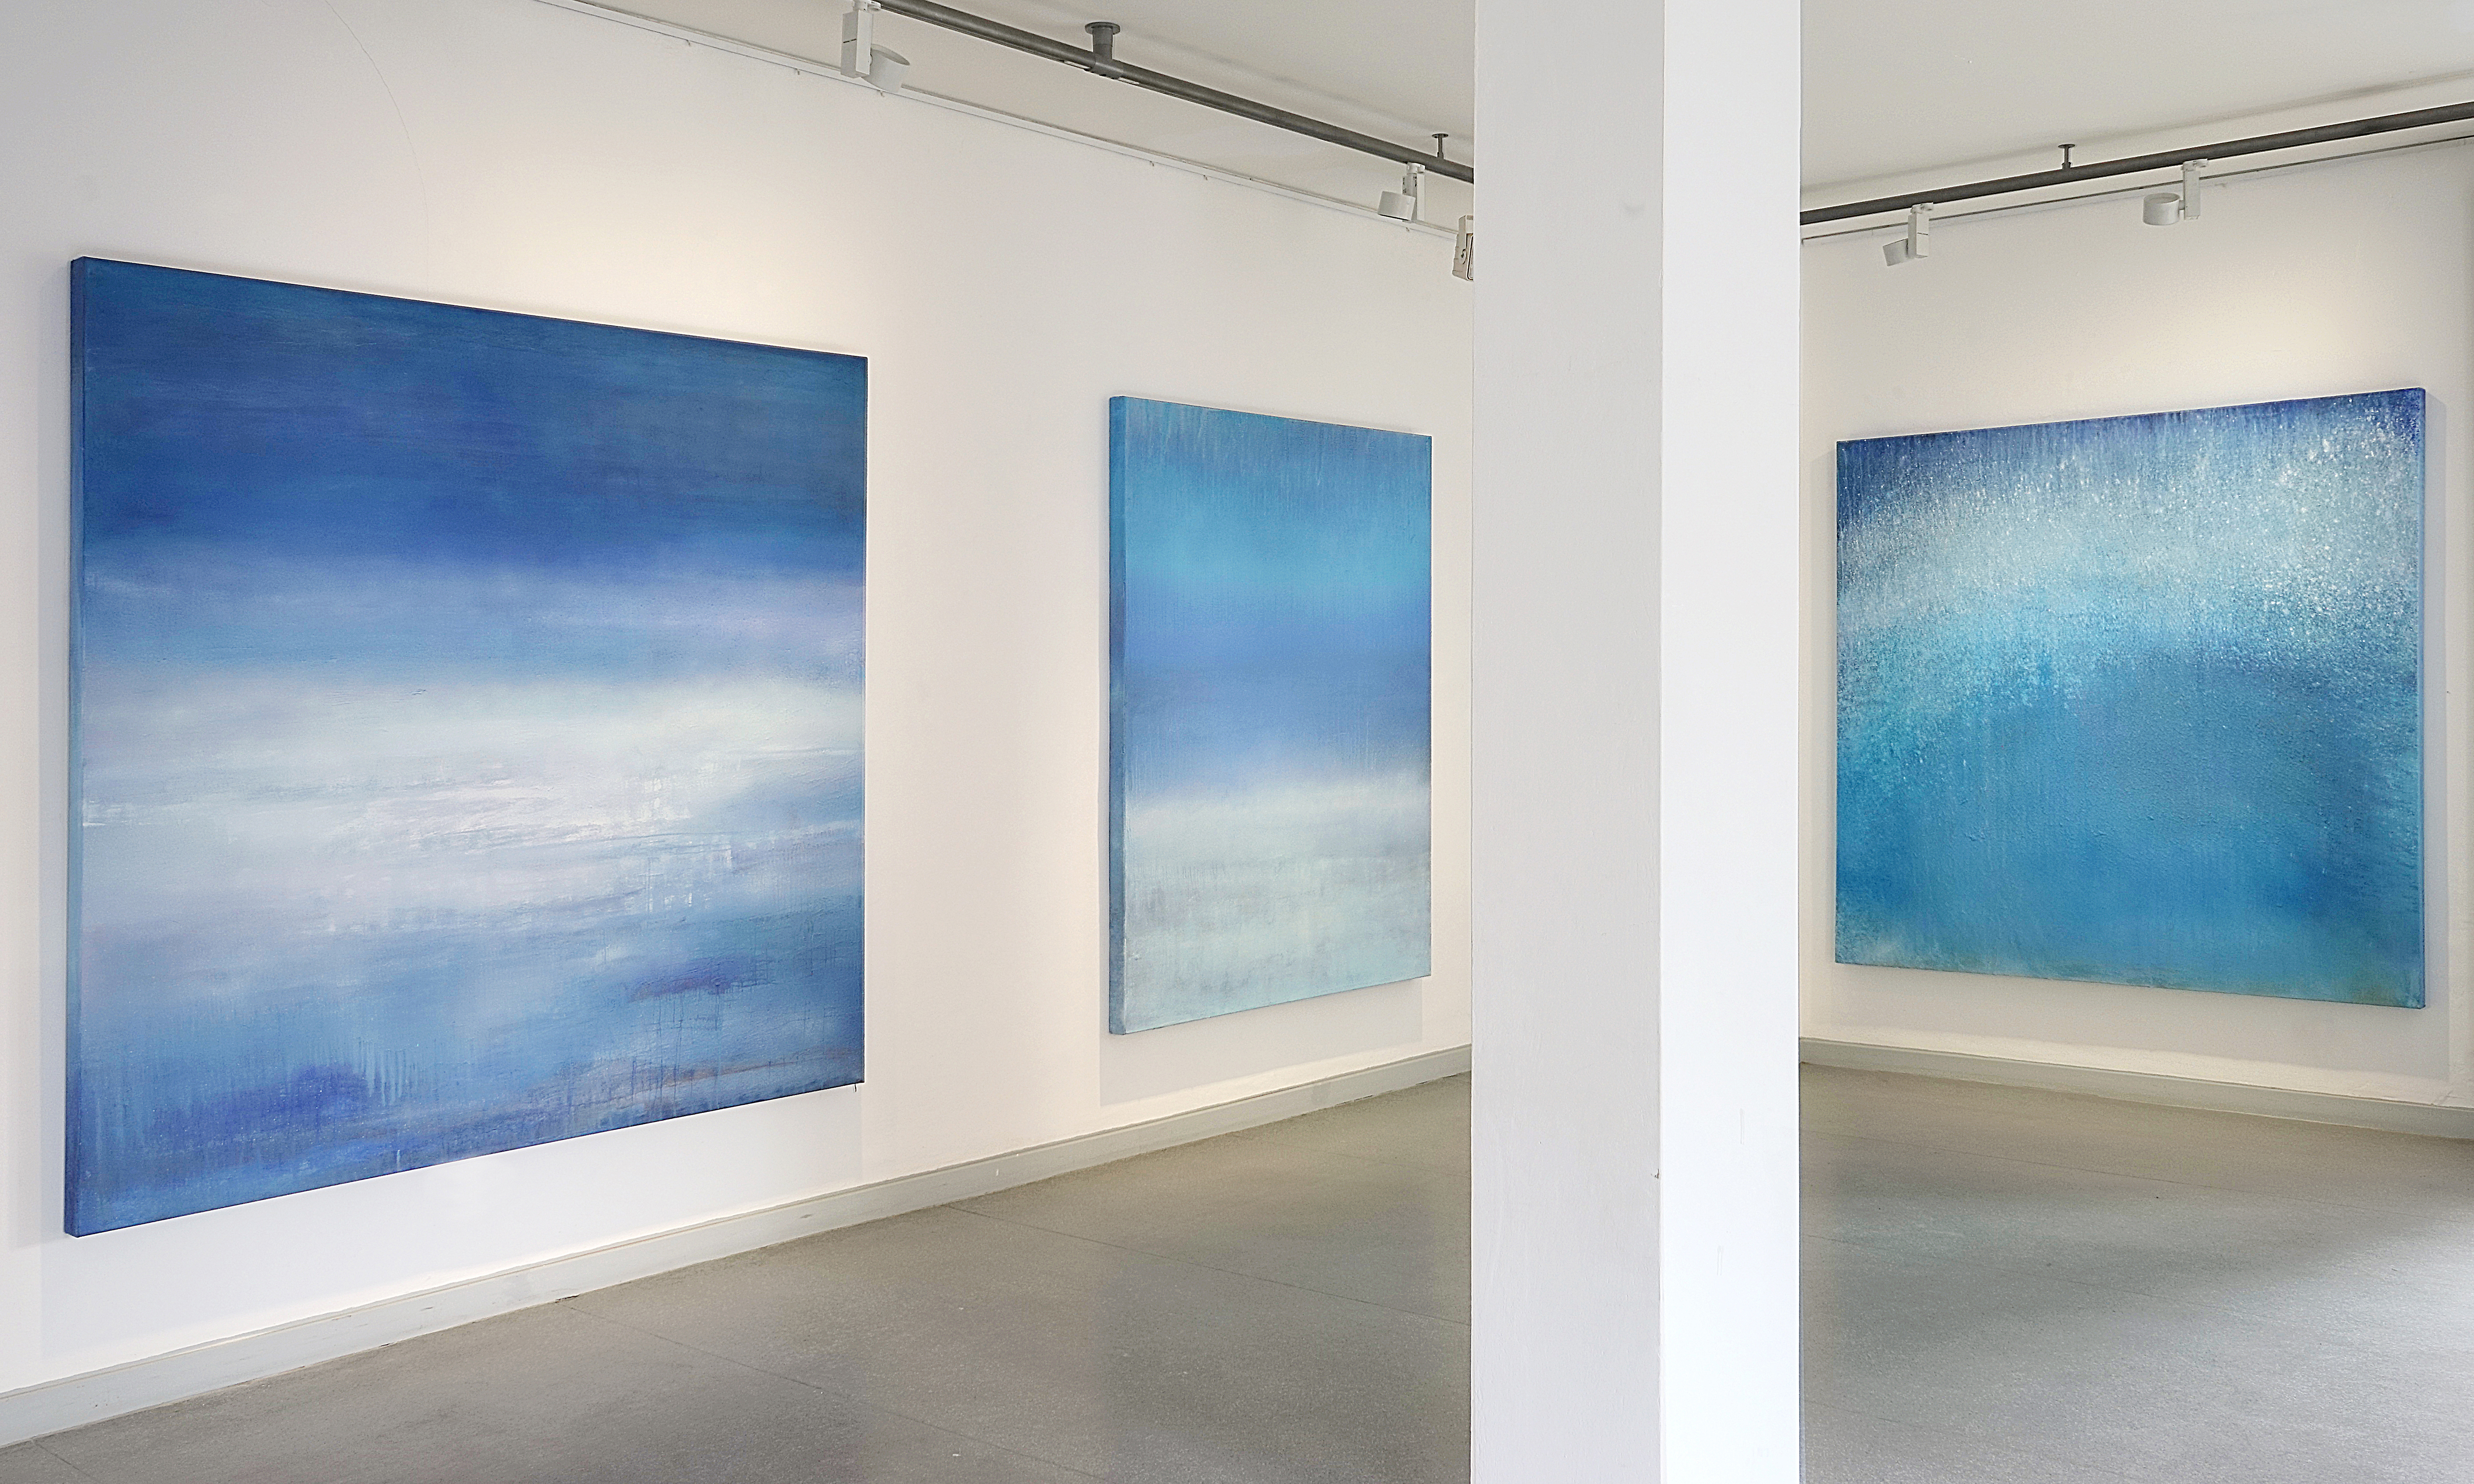 Galerie_3_50x30